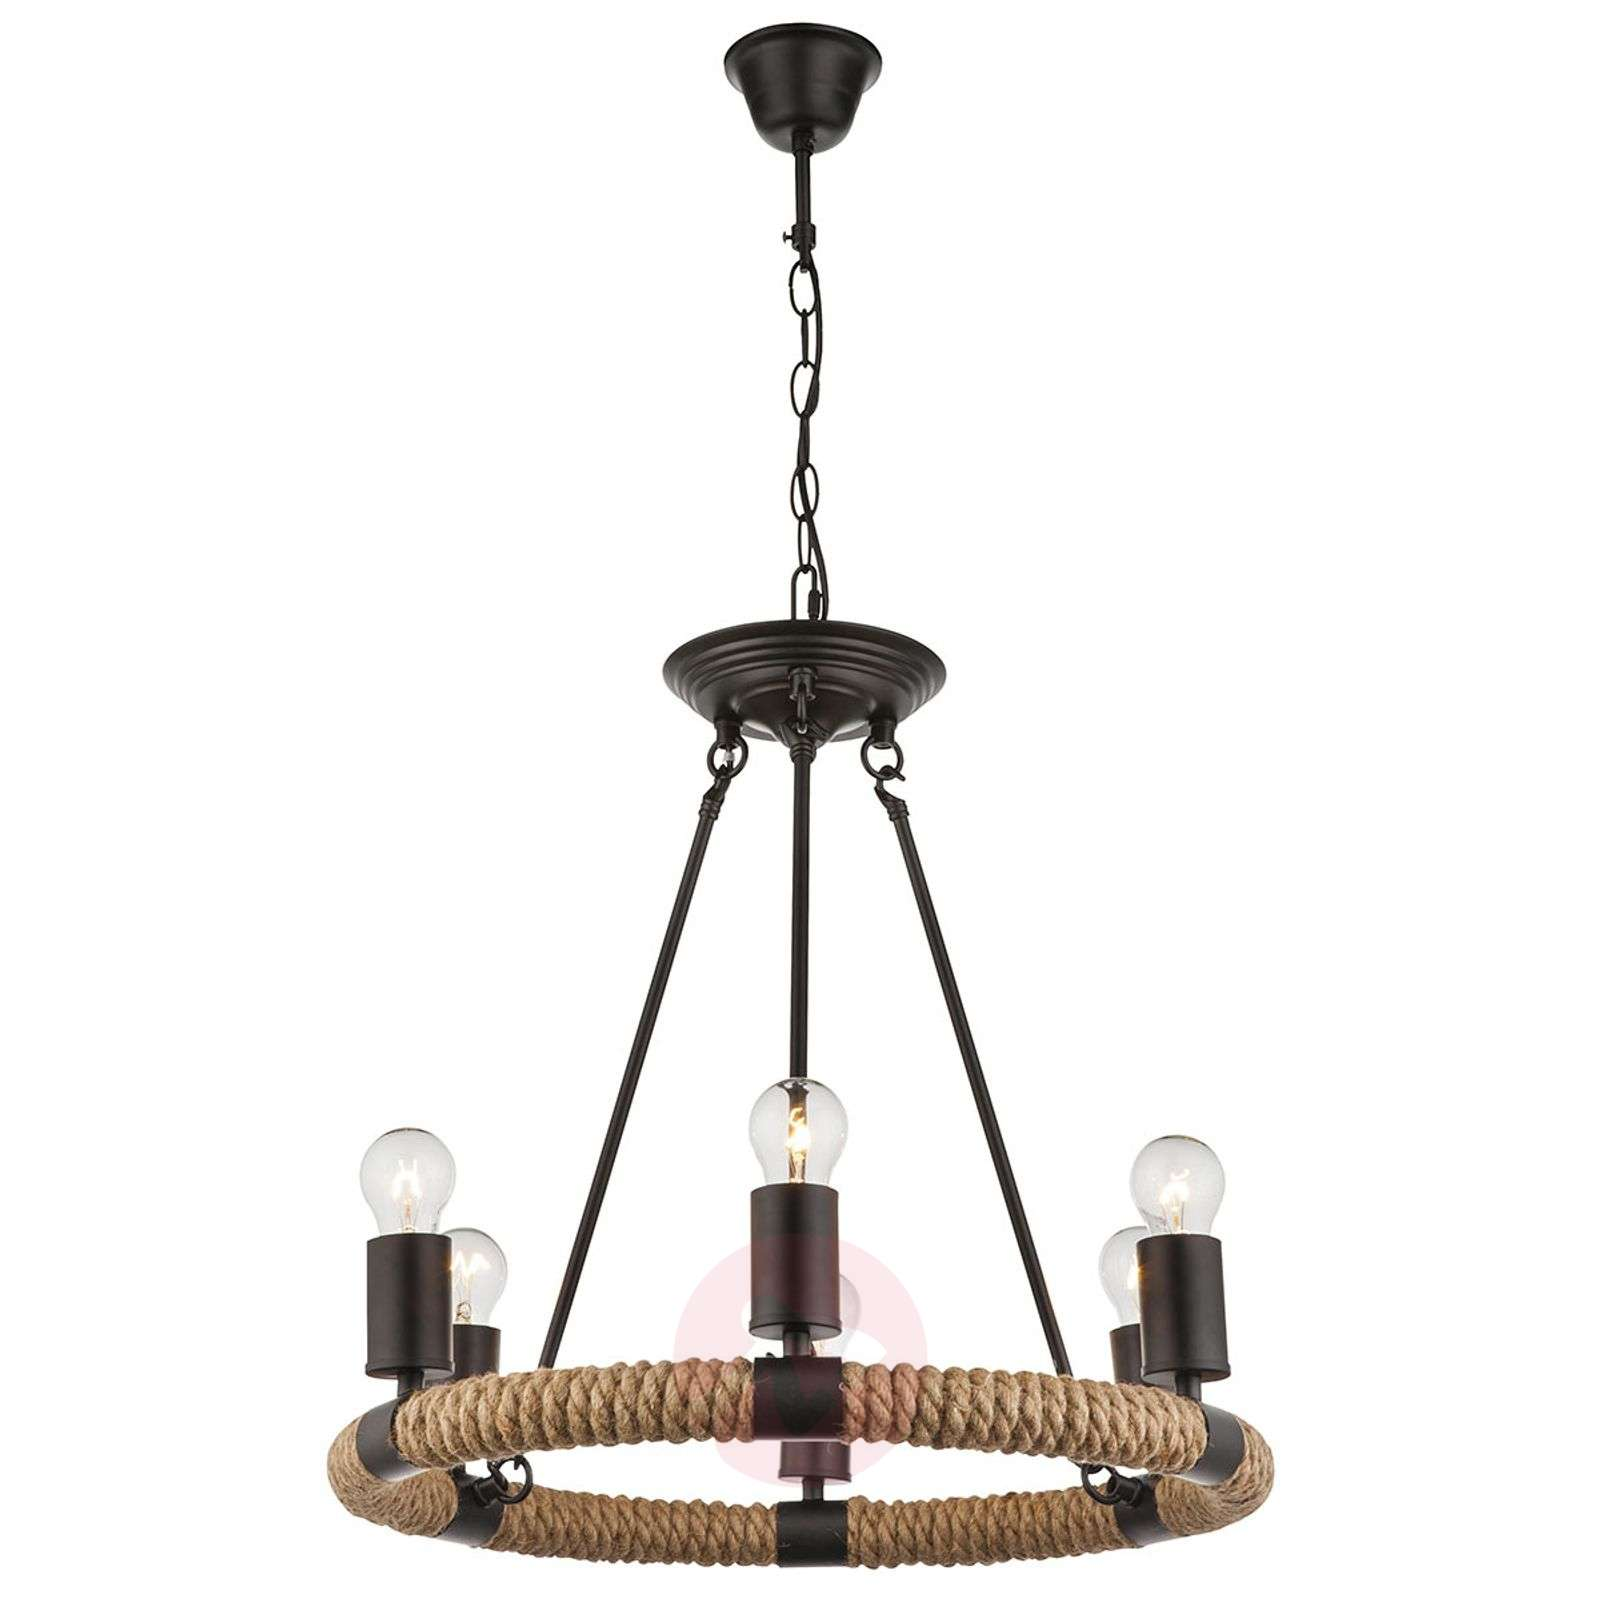 Pyöreä LED-riippuvalaisin Ulleu 6-lamppuinen-4015101-01